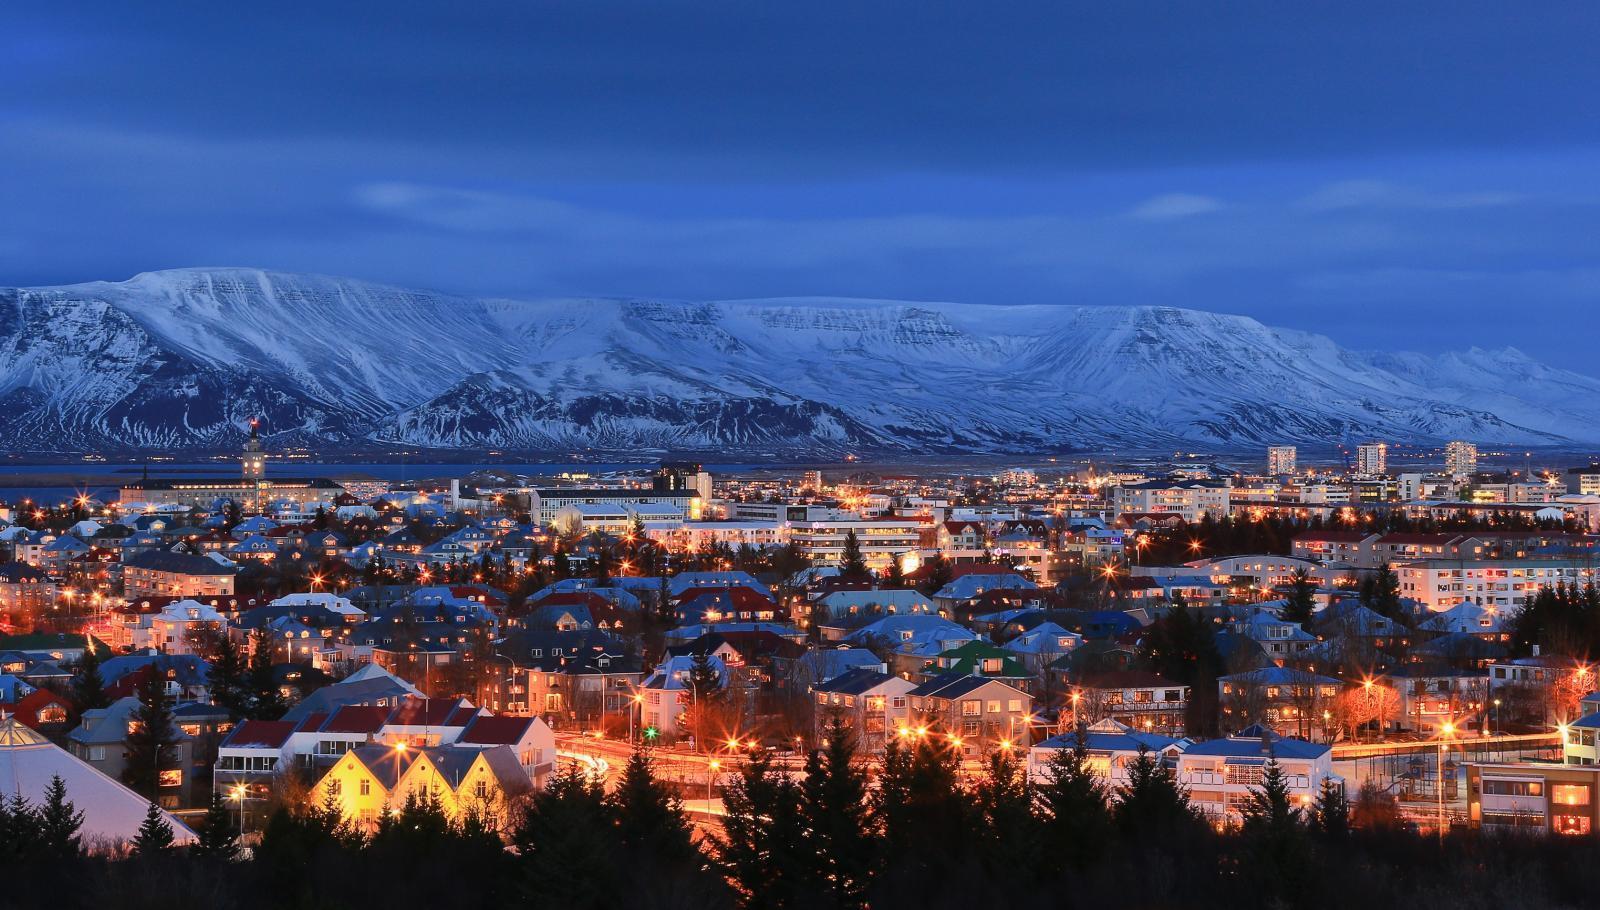 ريكيافيك عاصمة أيسلندا